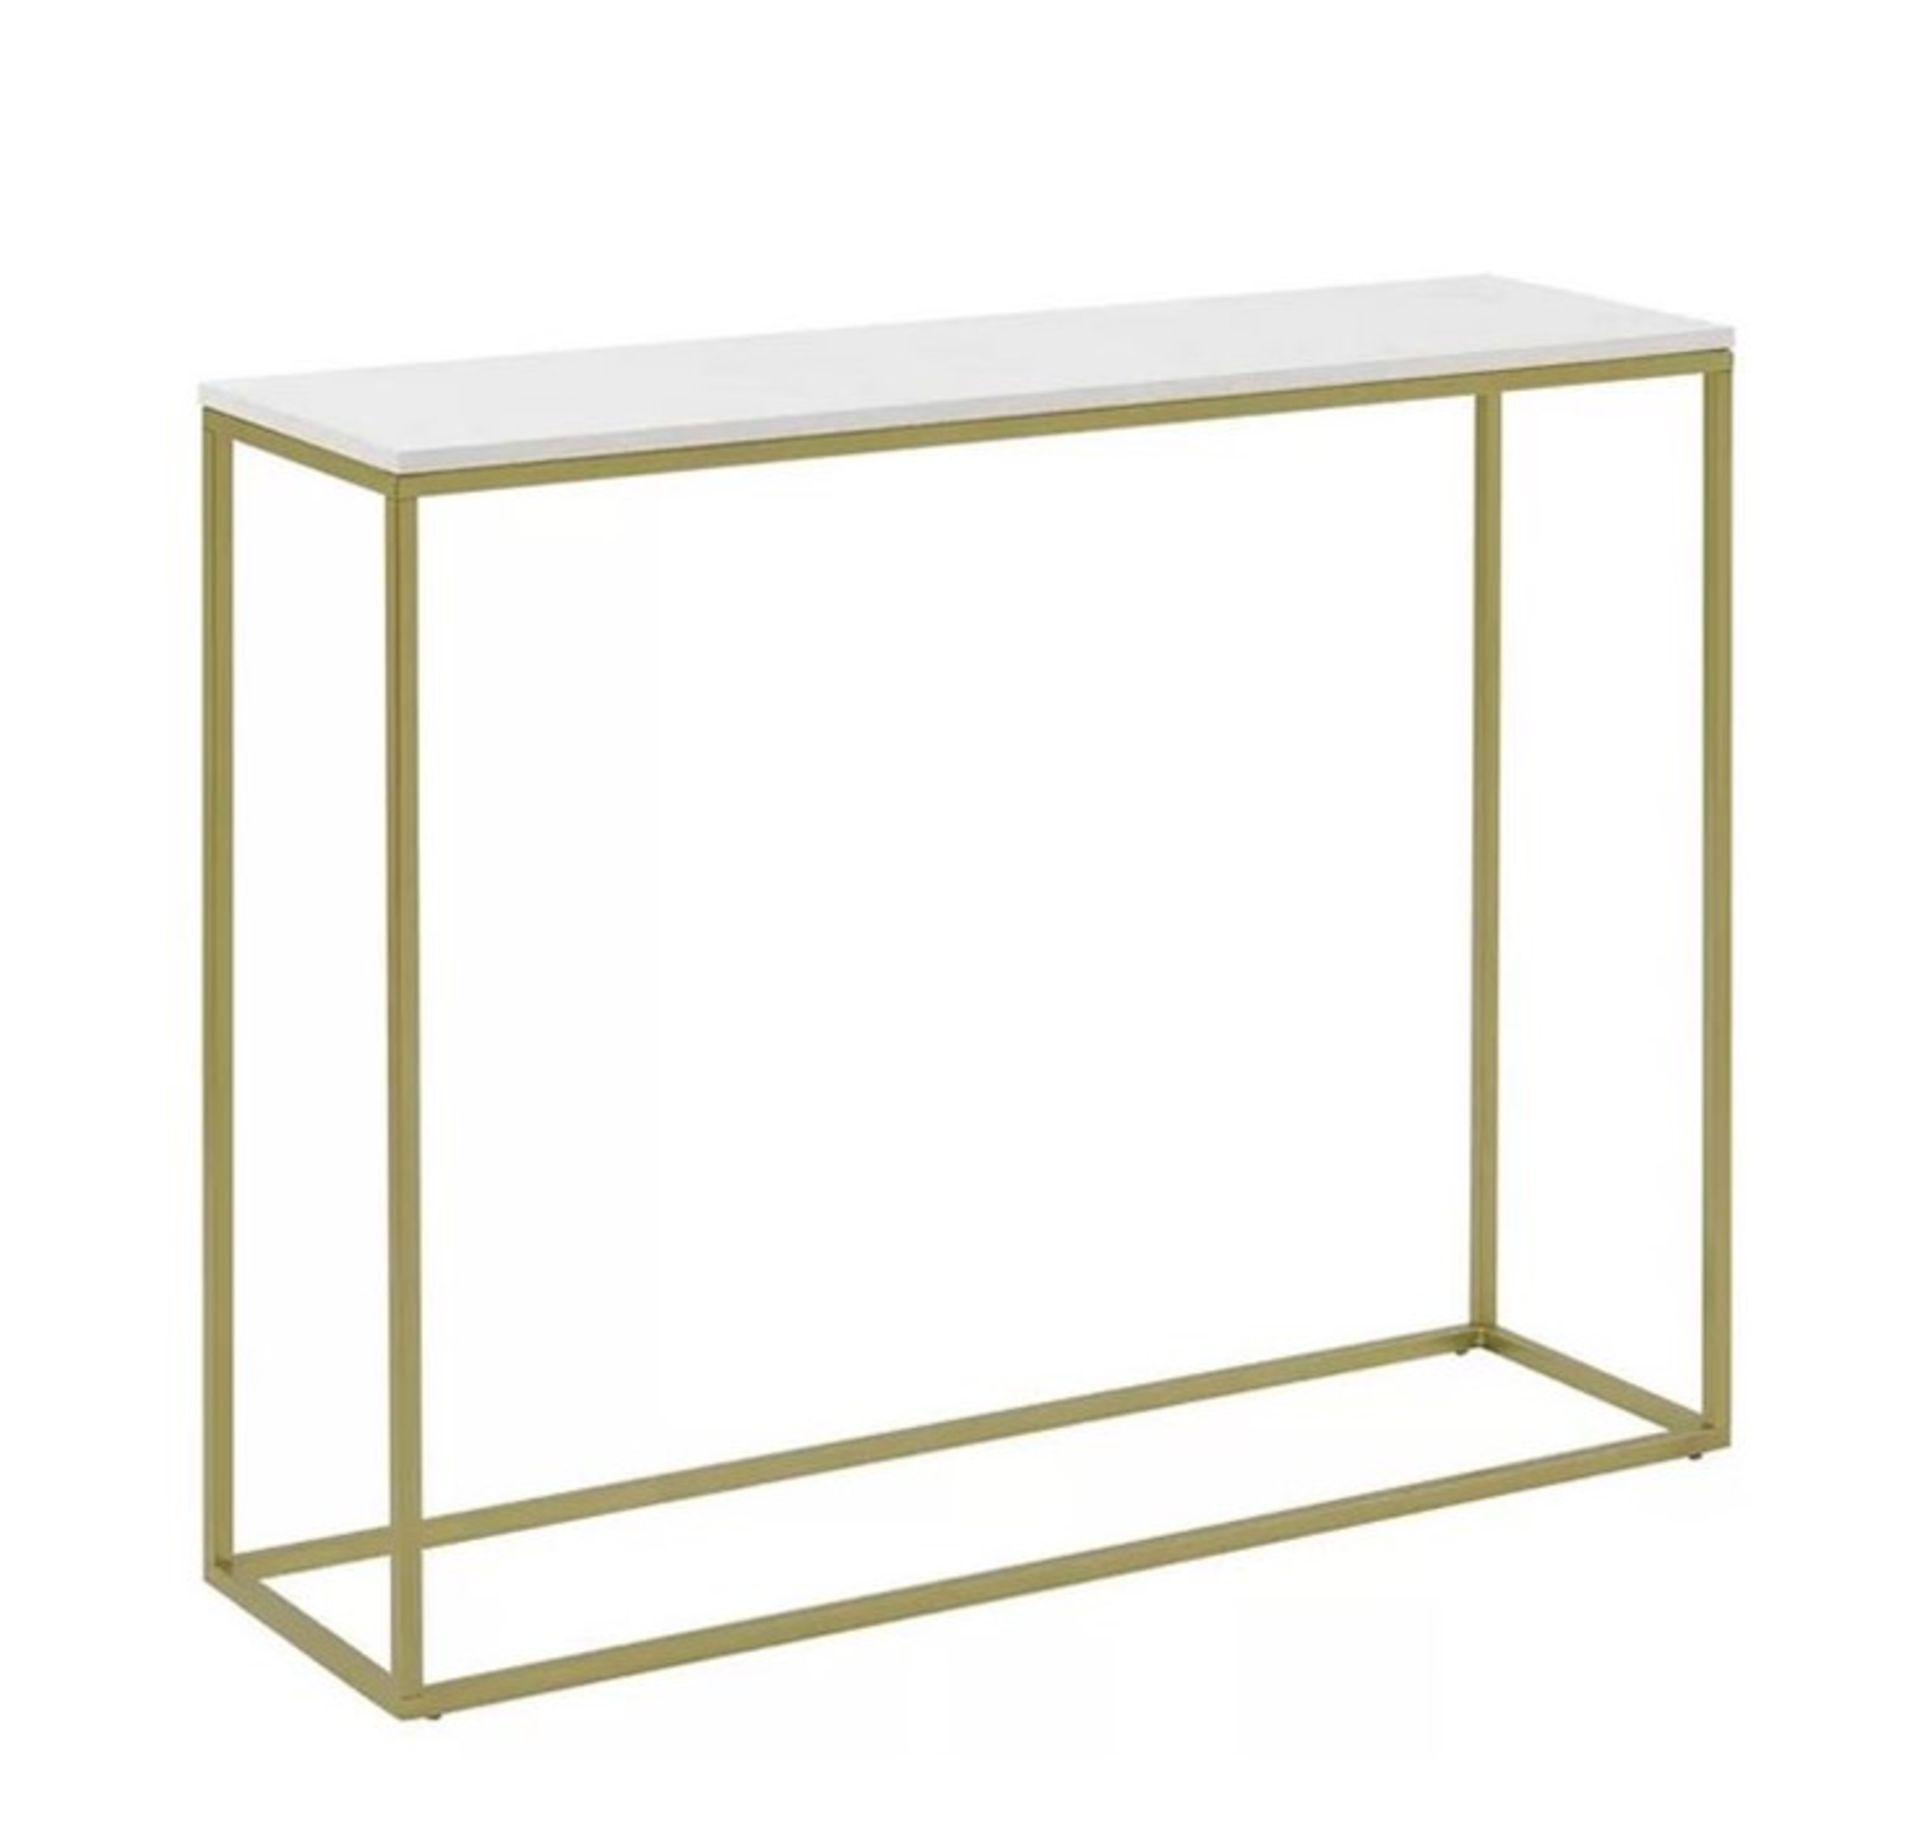 DORIAN CONSOLE TABLE